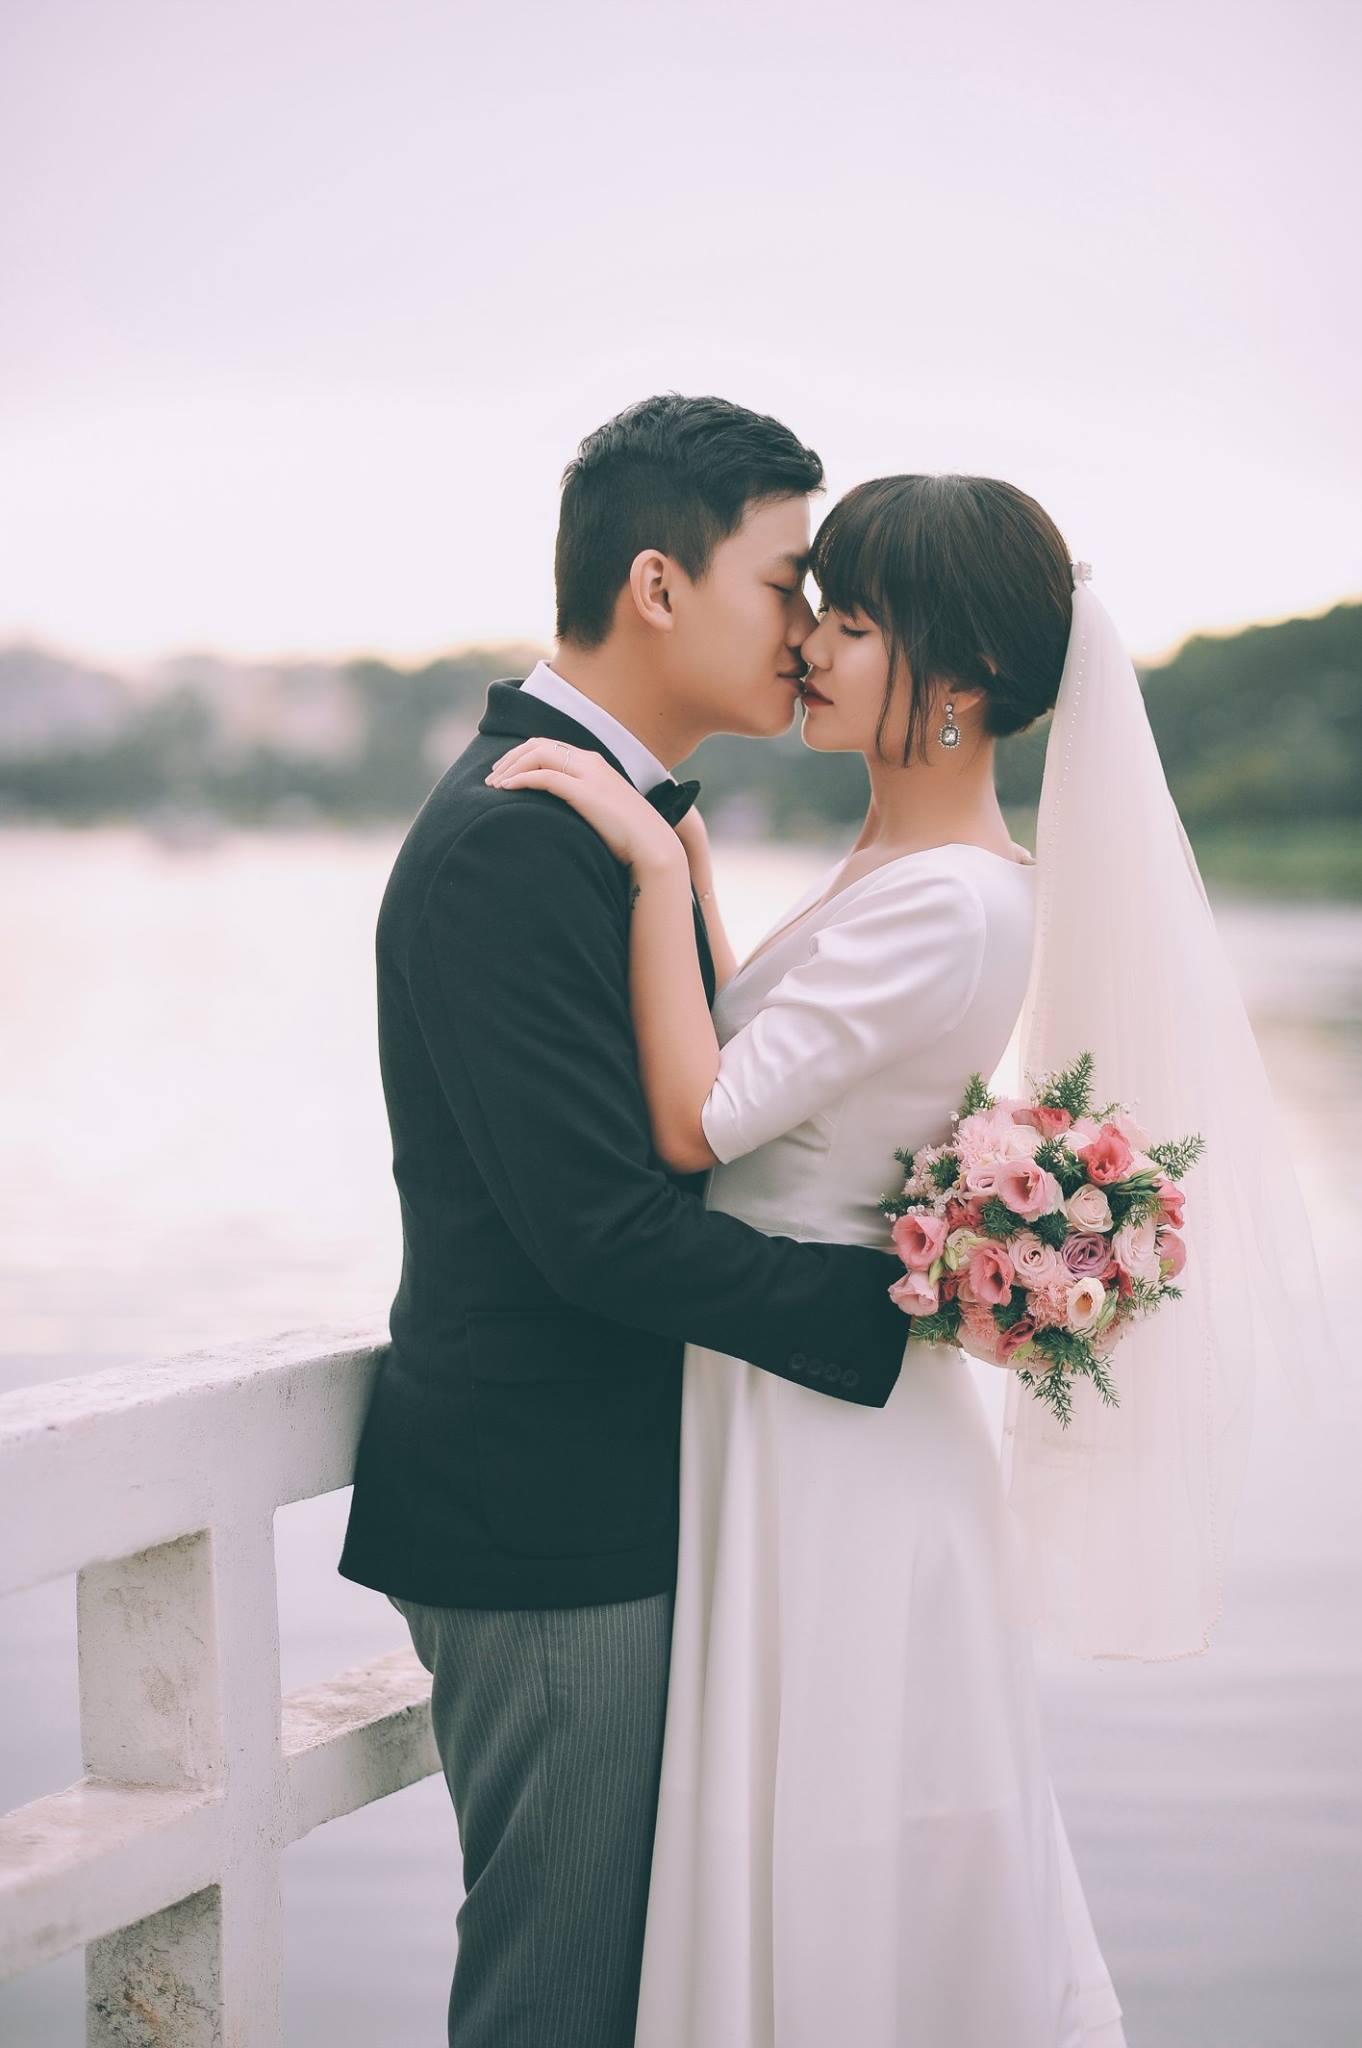 Trọn bộ ảnh cưới giản dị nhưng ngập tràn hạnh phúc của MC Trần Ngọc và 9x xinh đẹp - Ảnh 15.